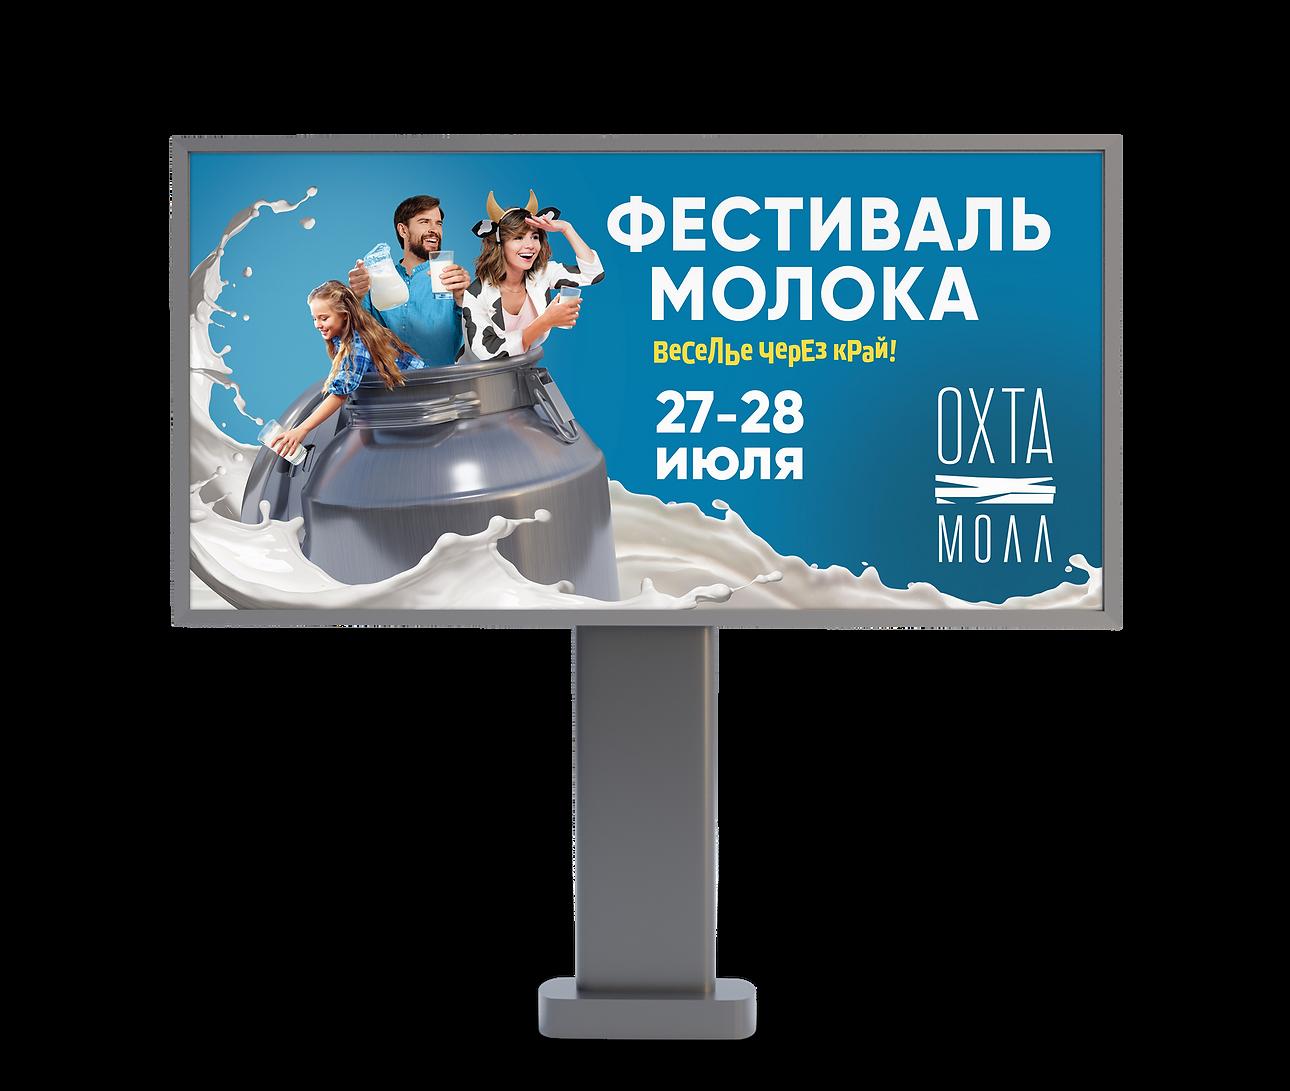 Kollegi CA. Охта Молл реклама Фестиваль Молока